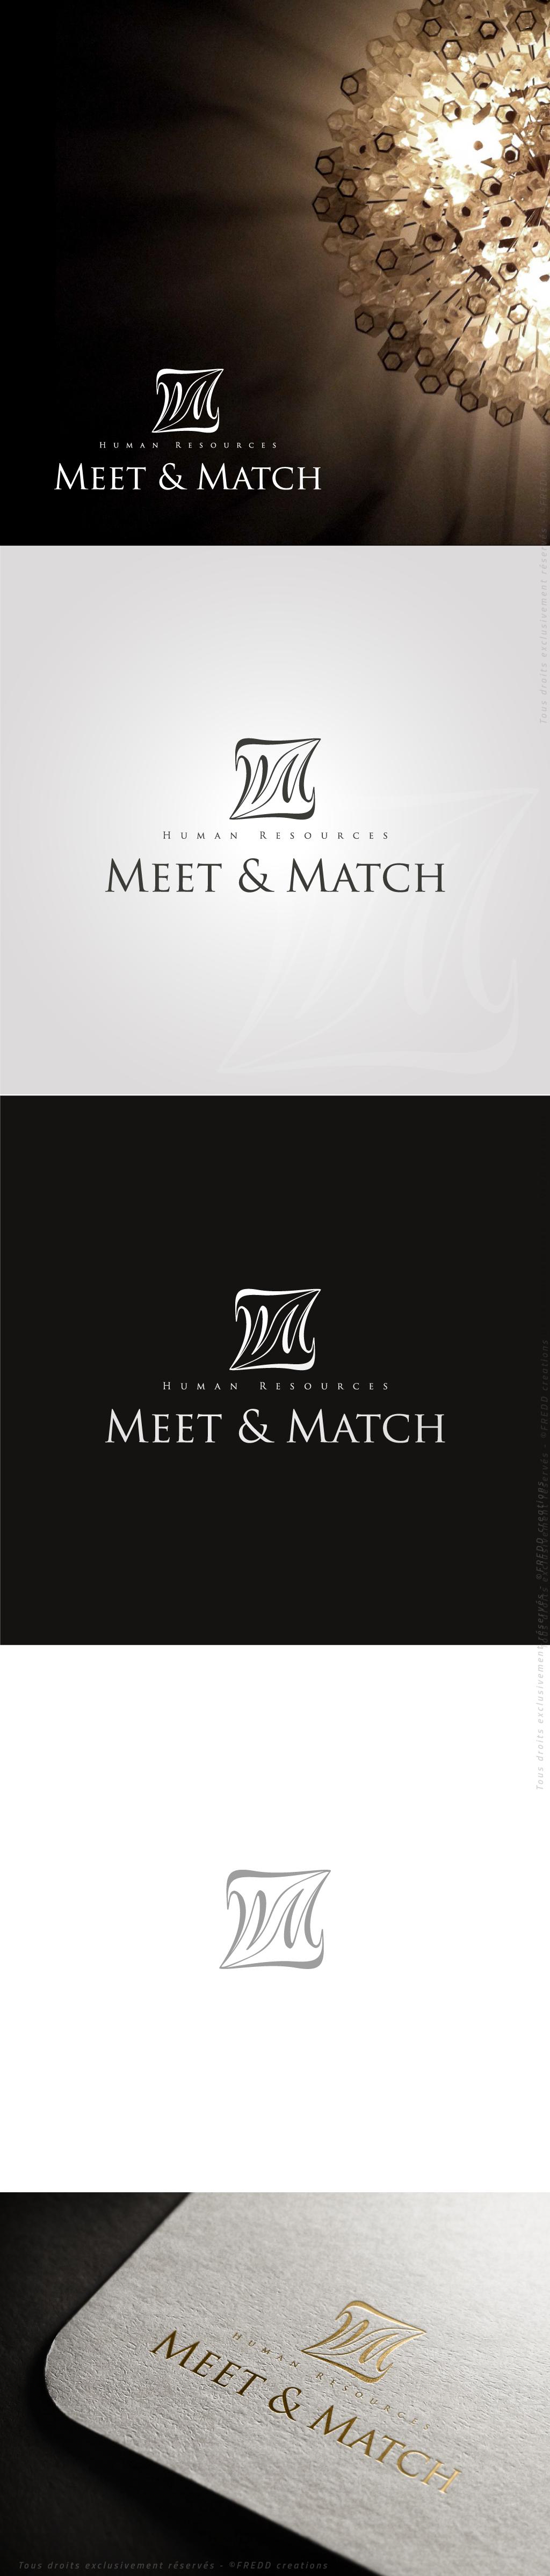 Identité Meet & Match